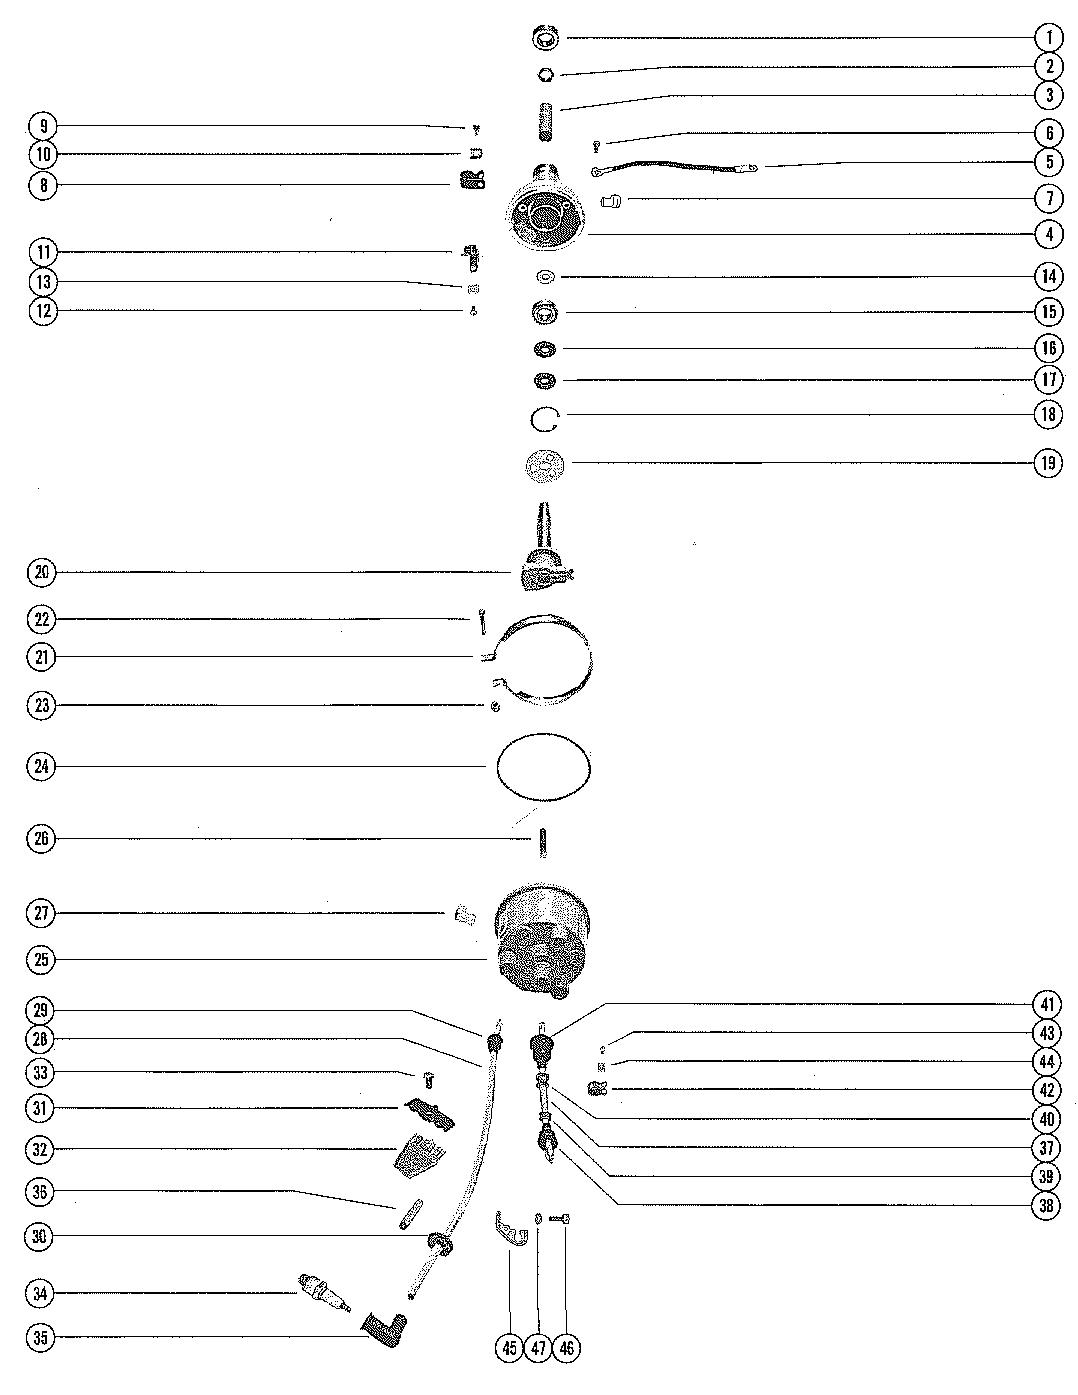 suzuki outboard gauges wiring diagrams suzuki wiring diagram free